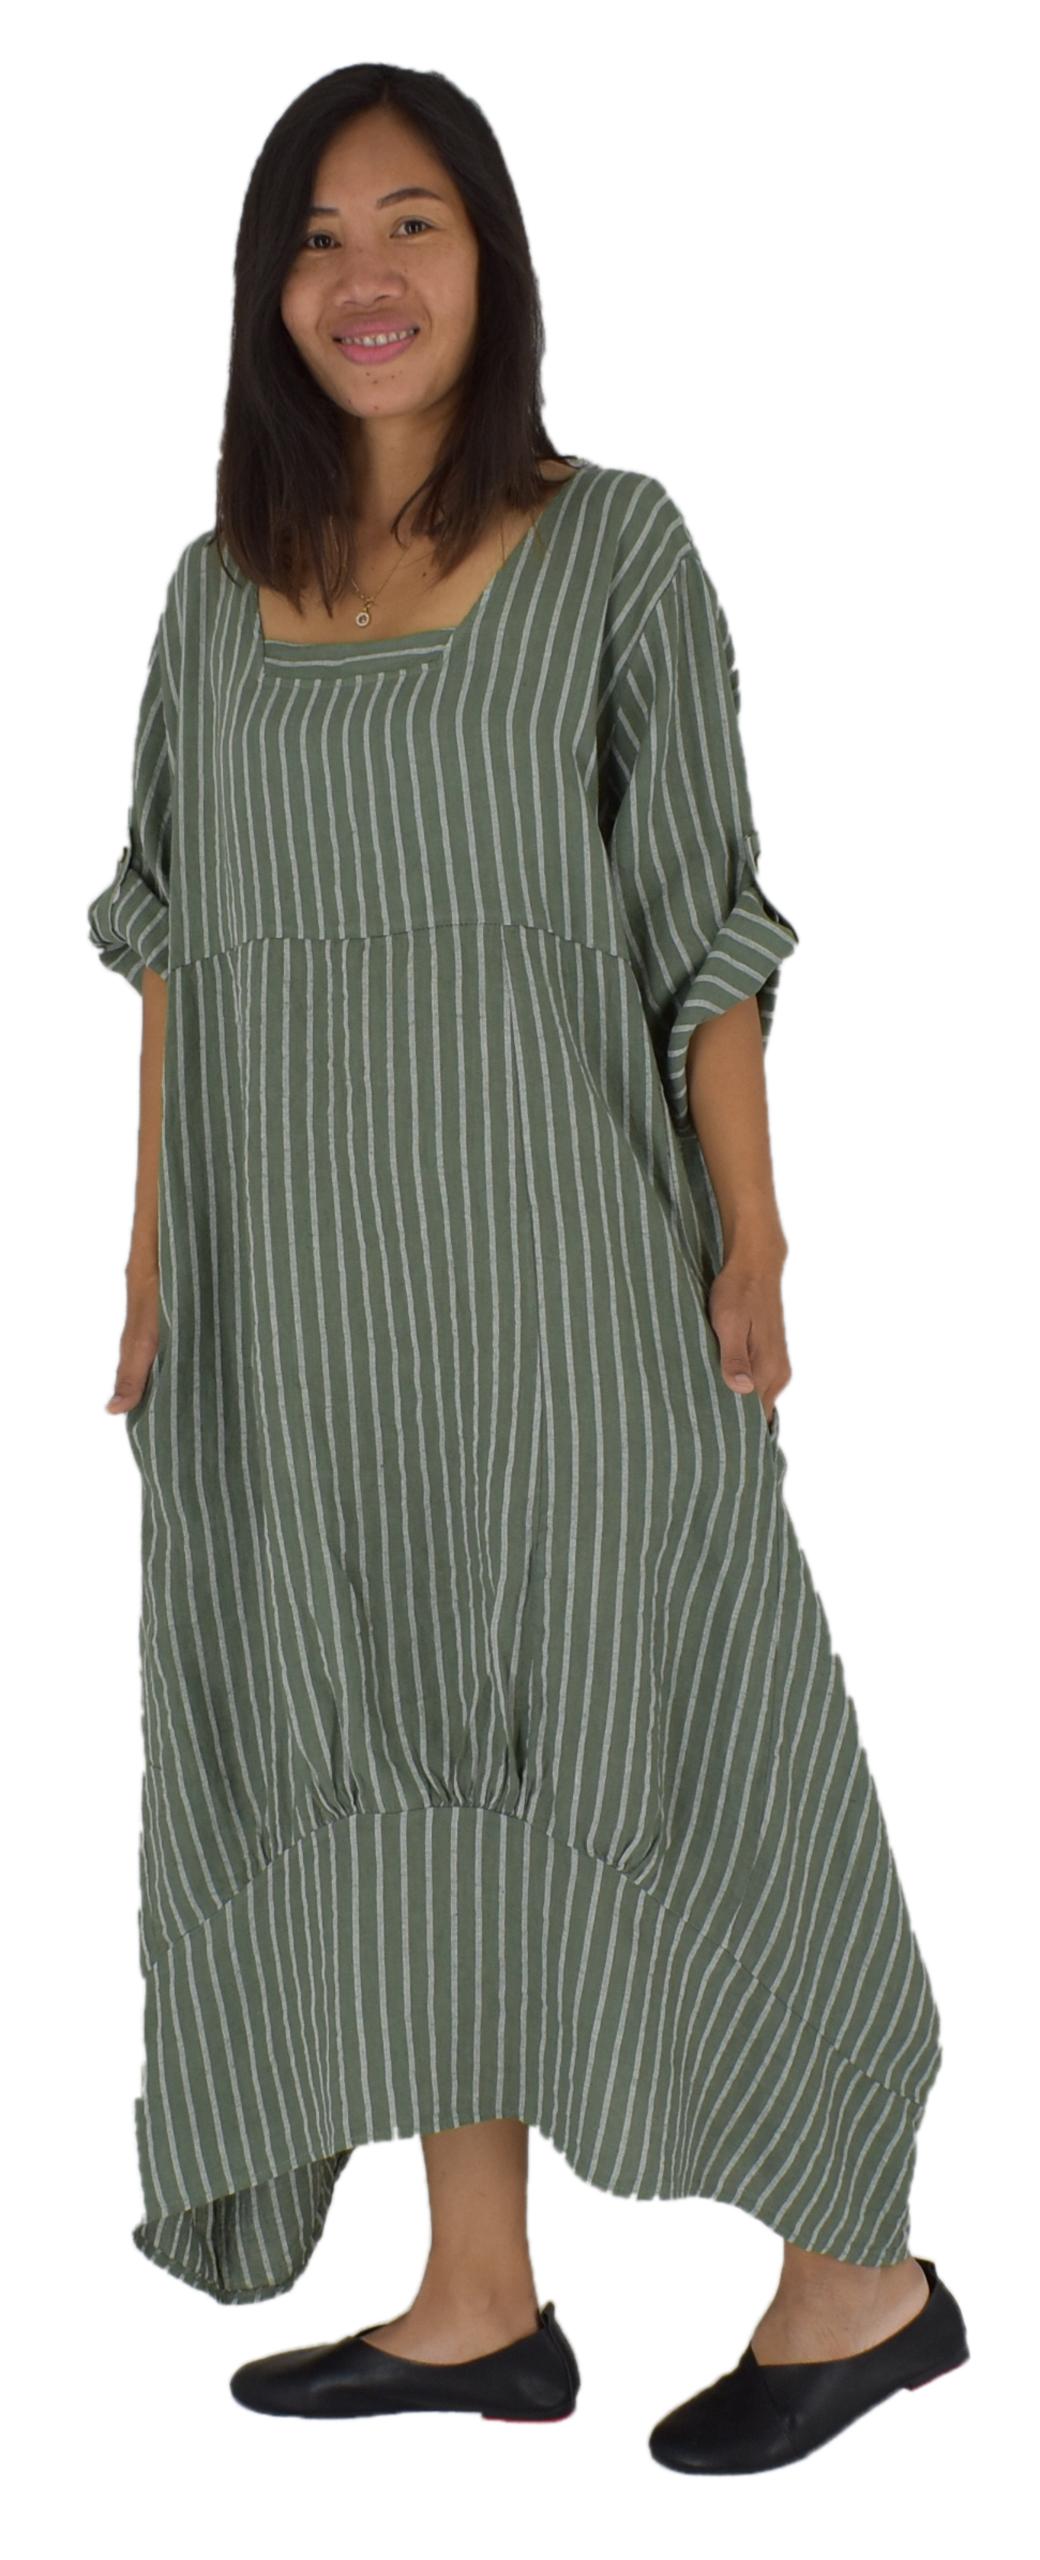 Kleid Jersey Buntes Lagenlook Ballon Kleid XADOO Plus Size 40 42 44 46 48 50